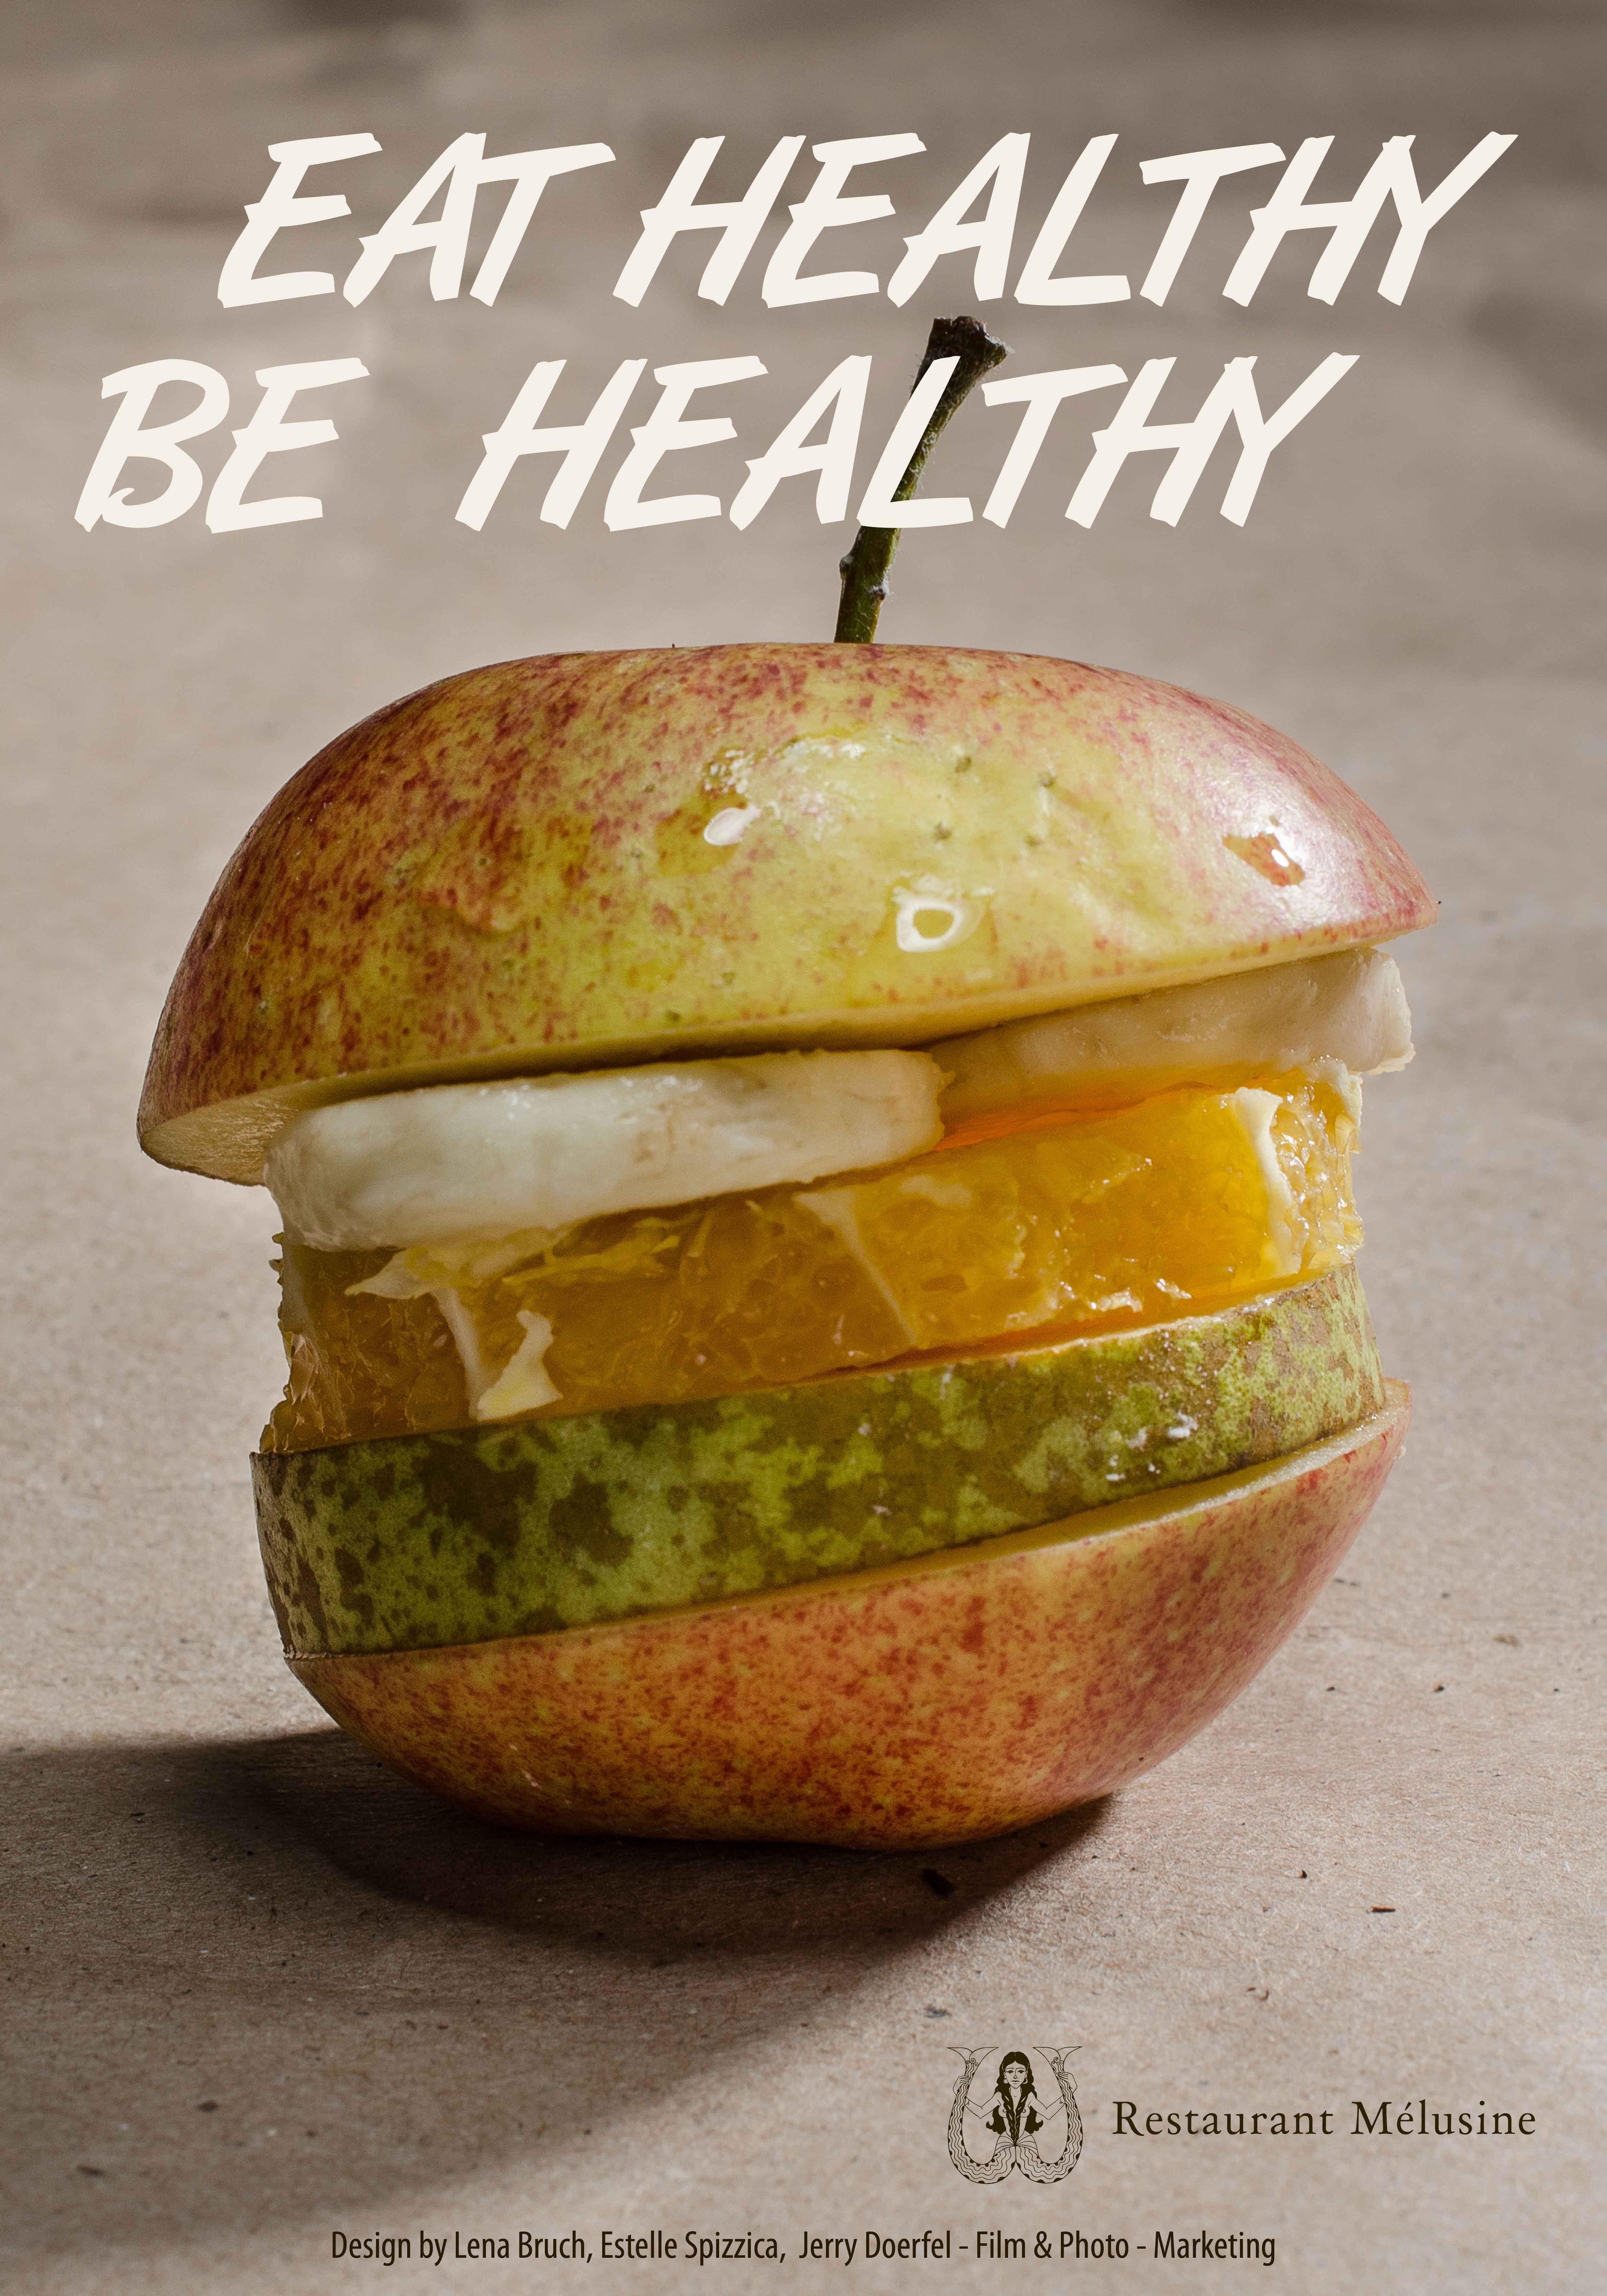 2014 Be healthy_final.jpg